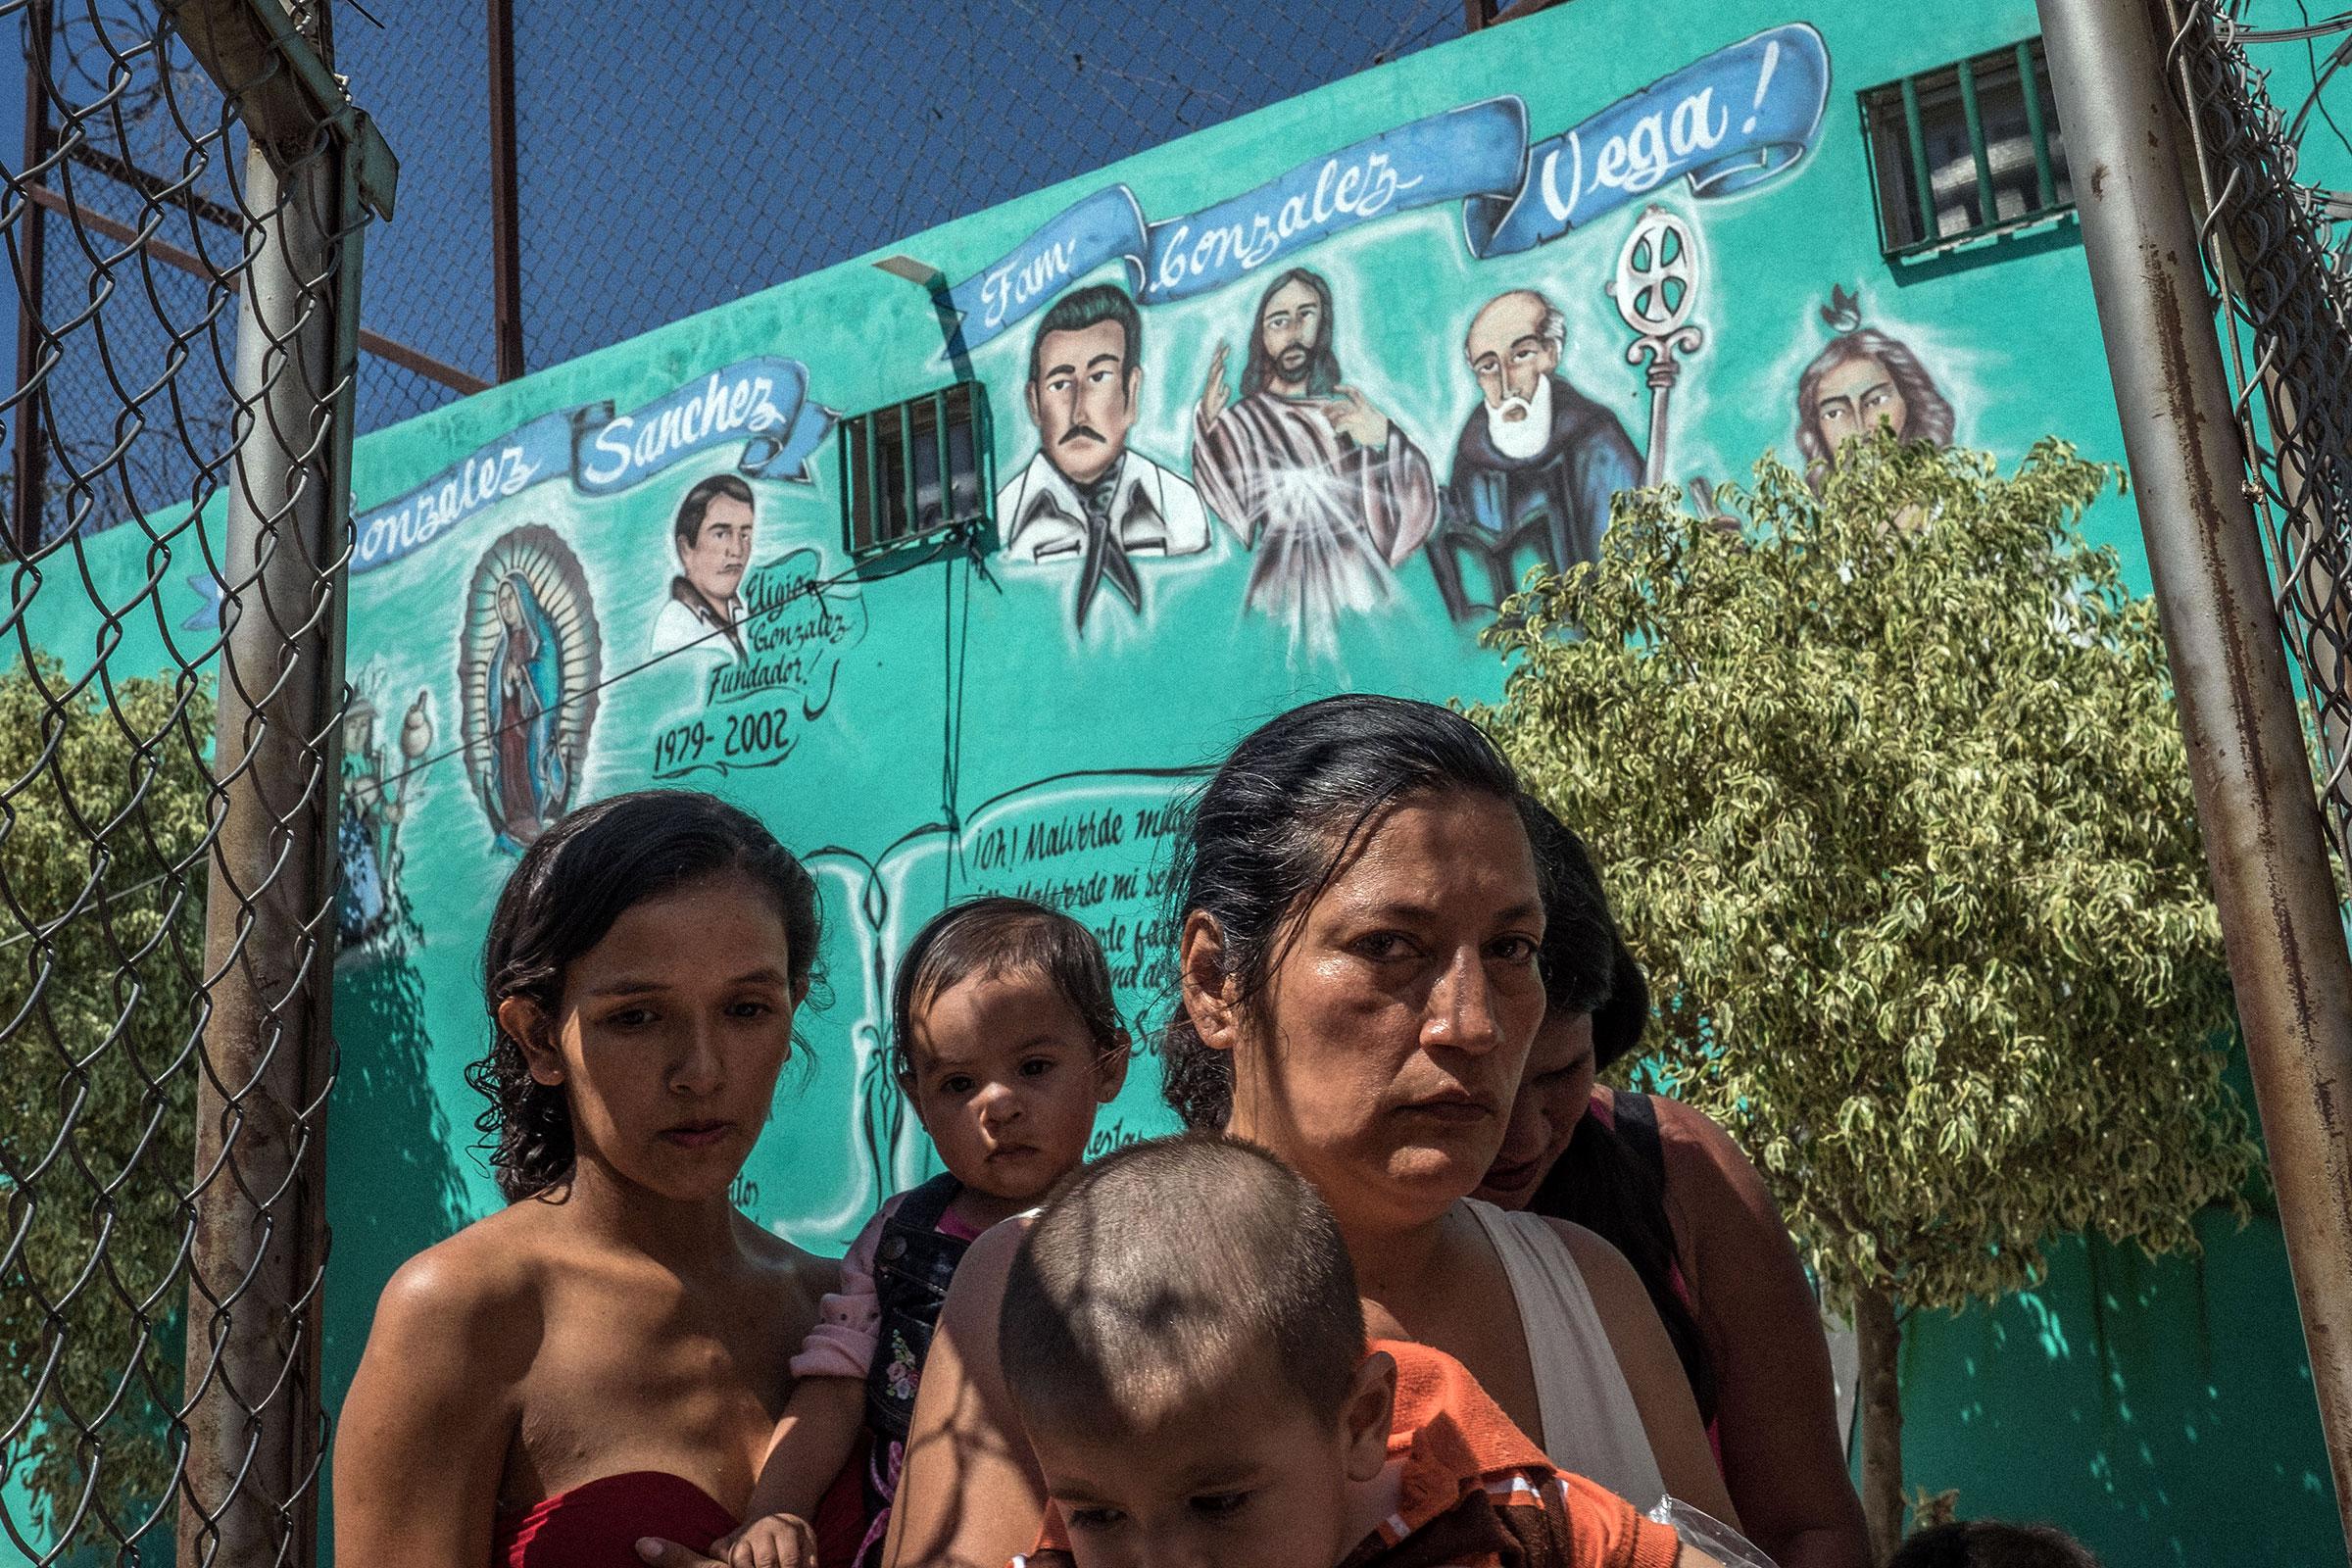 Une famille lors de la procession du saint narco Jesus Malverde.A Culiacan fief du cartel de Sinaloa et du celebre narcotrafiquant El Chapo Guzman, il existe un saint dedie au narcotrafic. Compare à Robin des bois, Jesus Malverde est adule par le grand banditisme. Chaque annee le 3 mai une procession s'organise dans la chapelle qui lui est dediee.03/05/2017Culiacan, Sinaloa, Mexique. *** Local Caption *** Saint narco. AK47 Catholique Mexico Mexique amerique latine armes croyance culiacan drogue jesus malverde malverde narco narcotraficants procession religion saint whisky figure religieuse